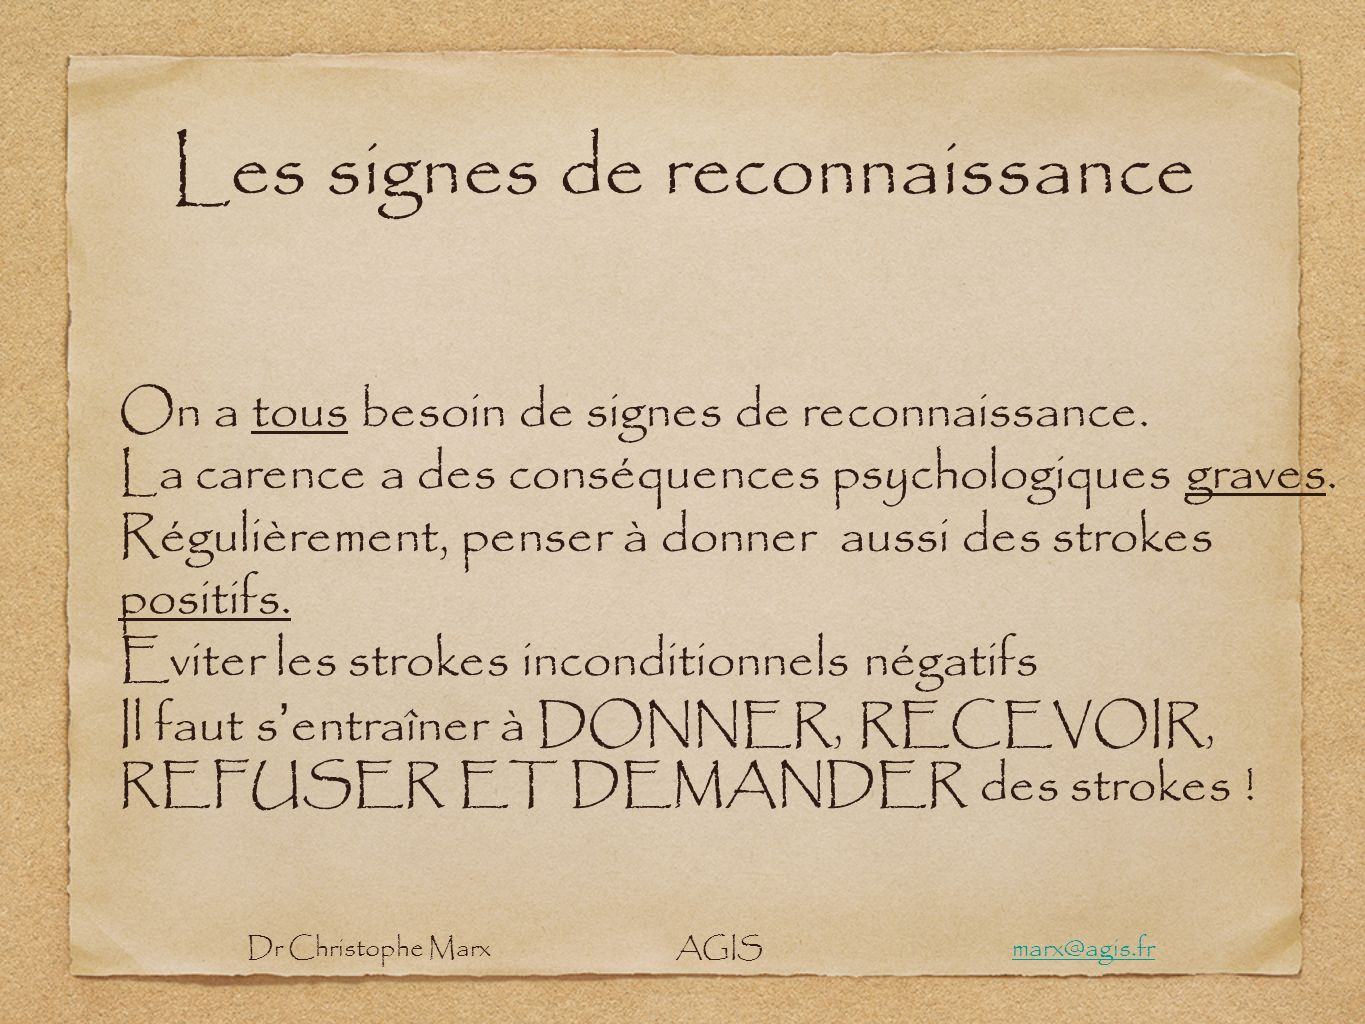 Les signes de reconnaissance On a tous besoin de signes de reconnaissance. La carence a des conséquences psychologiques graves. Régulièrement, penser